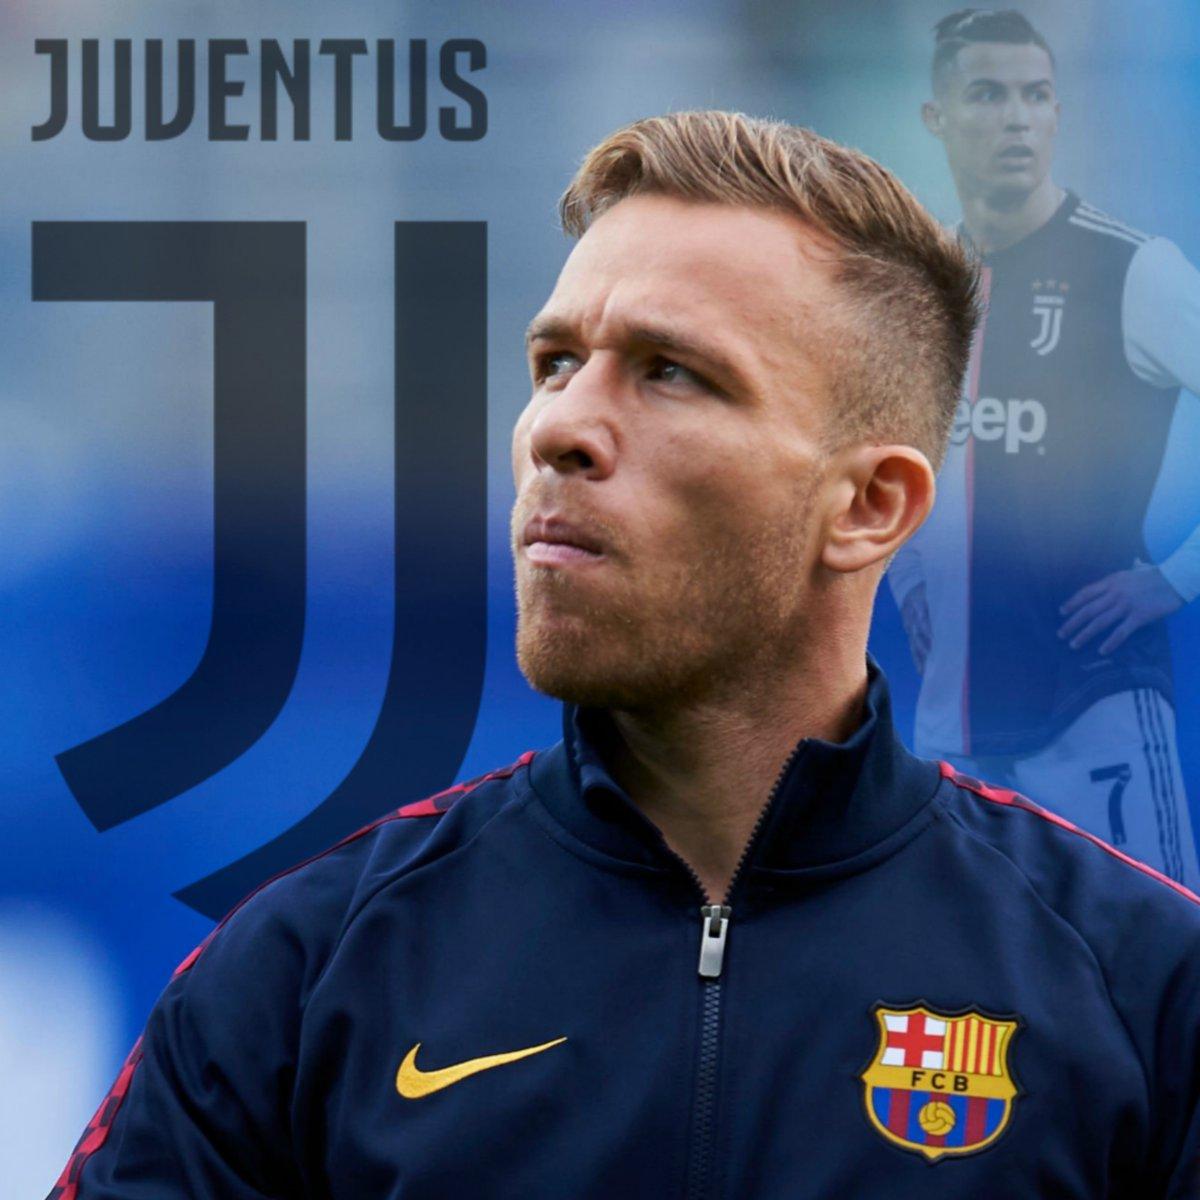 OFICIAL. Arthur Melo es nuevo jugador de la Juventus de Turín. Acuerdo total. La operación ha sido anunciada por el FC Barcelona como una venta por 72 millones de euros, más 10 millones de euros en variables. El brasileño se marchará hasta que finalice toda la temporada 2019/20.